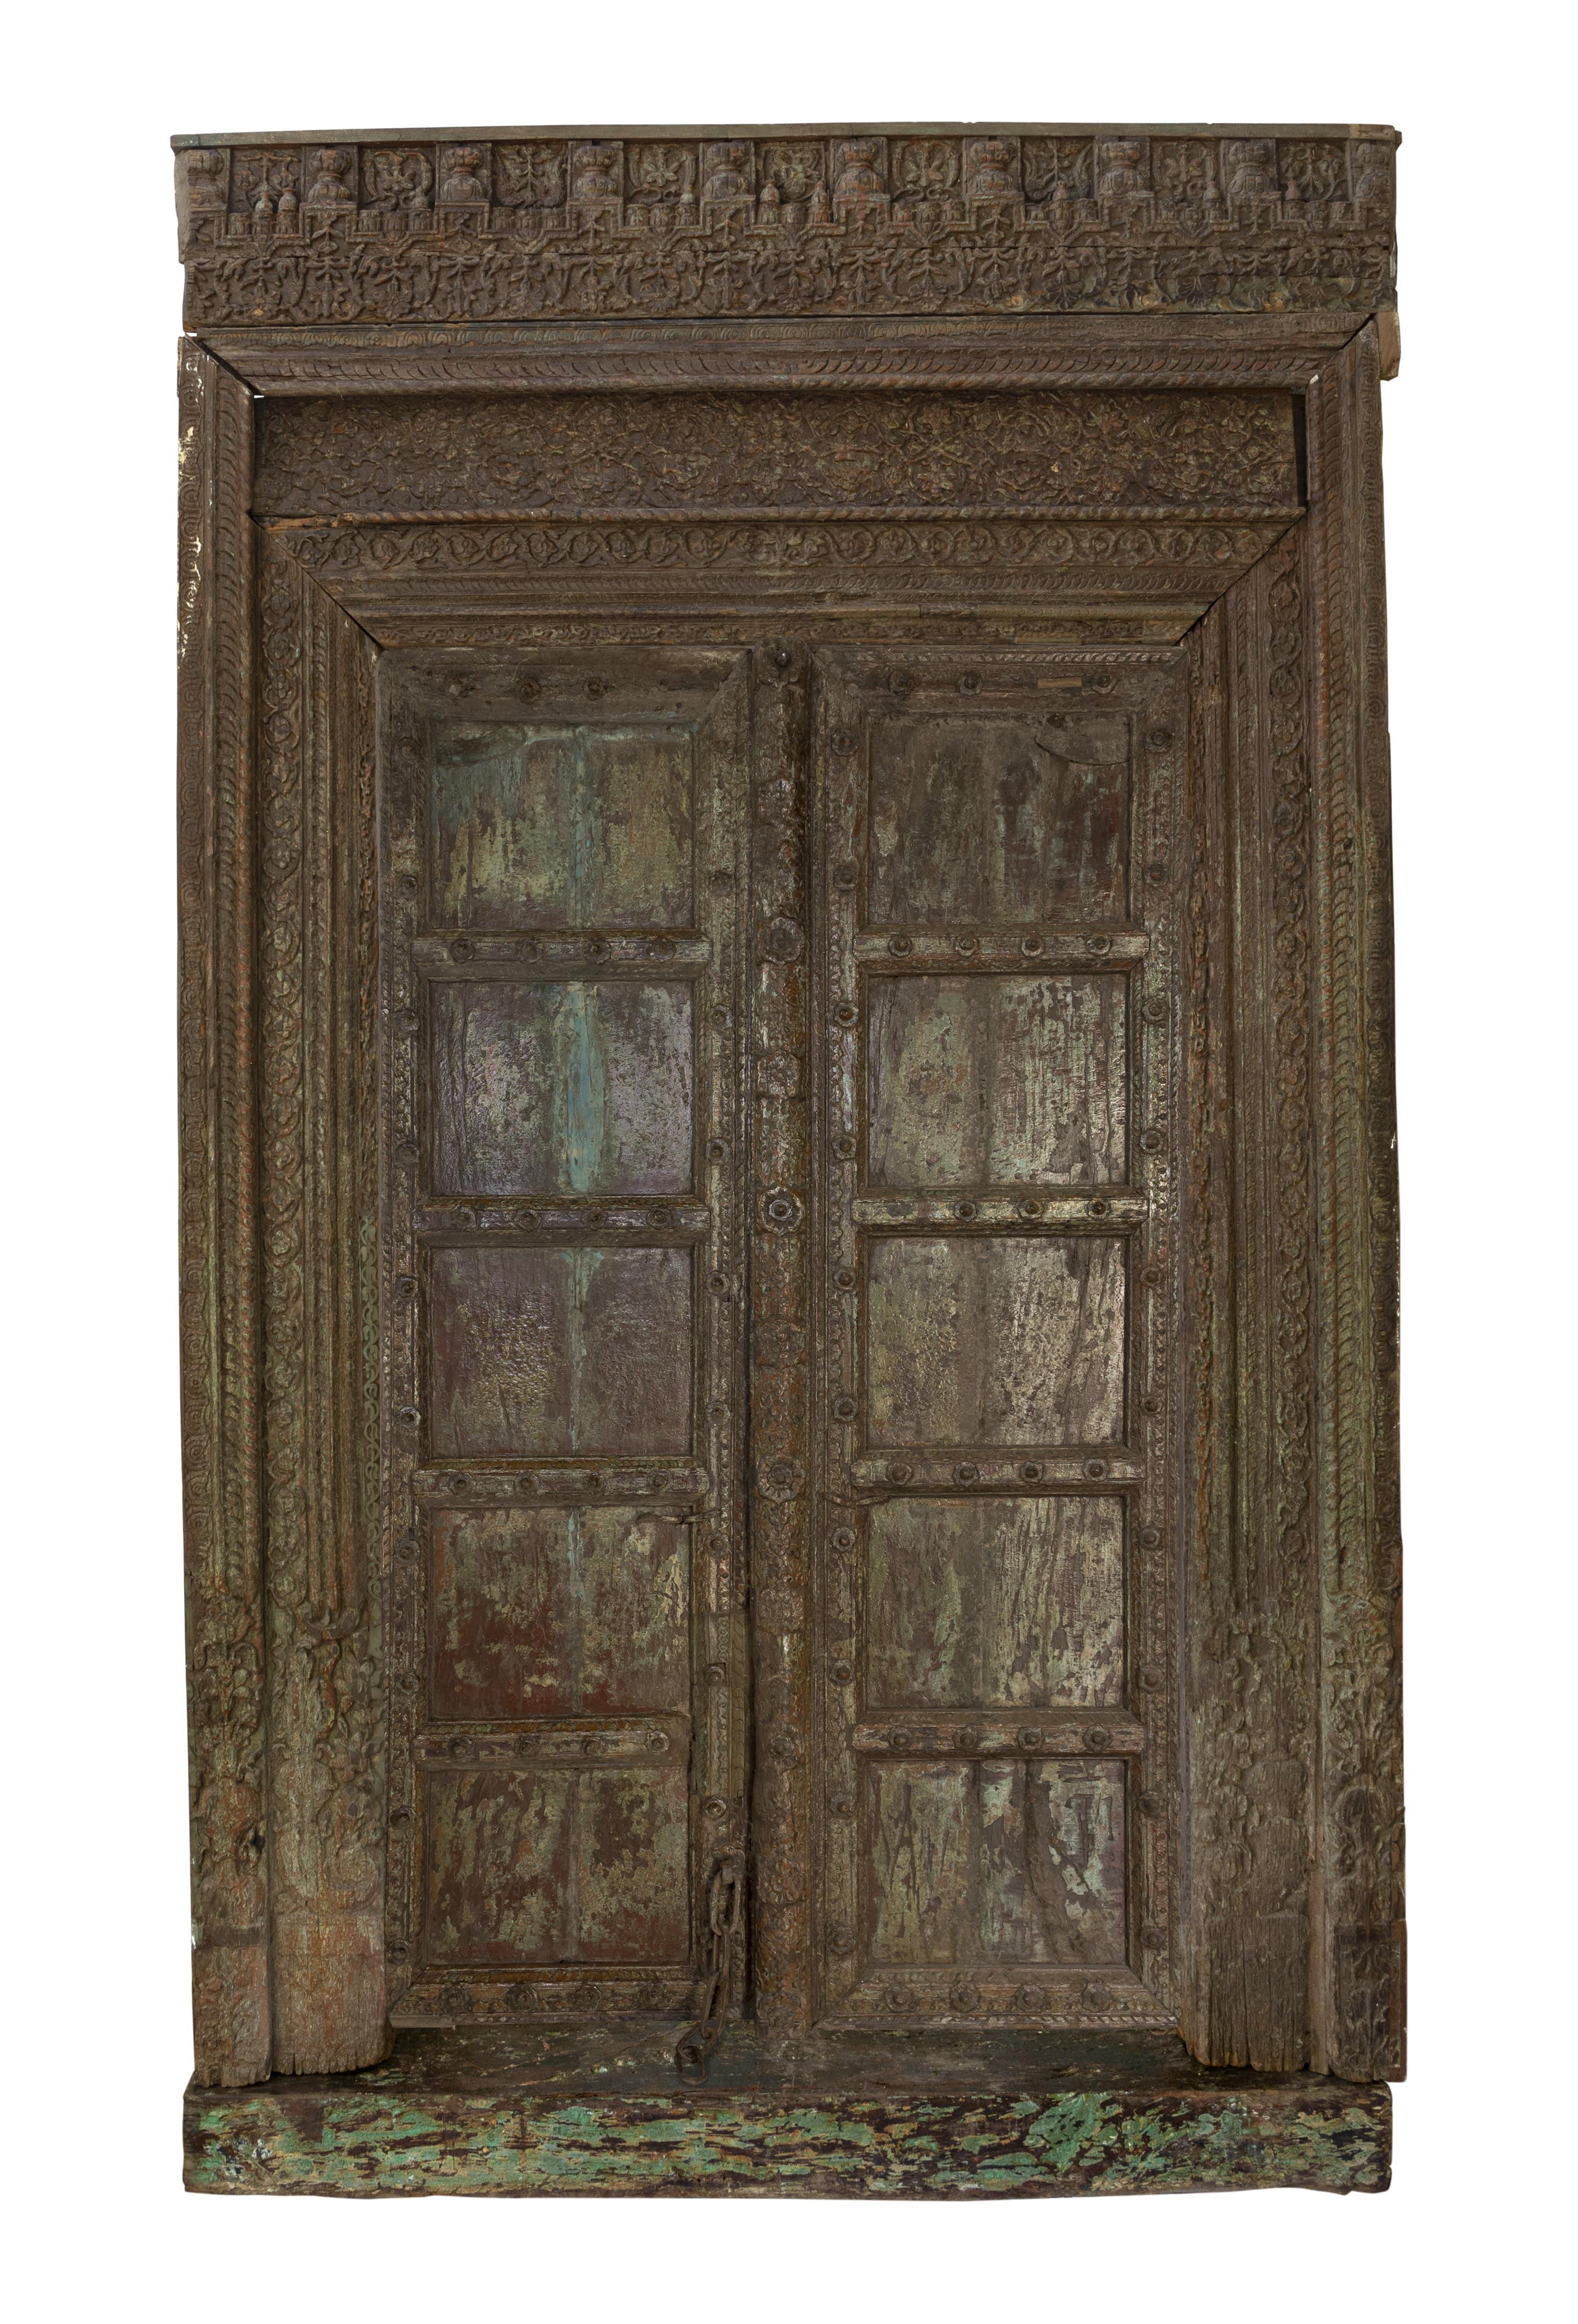 Antique Indian Haveli wooden door